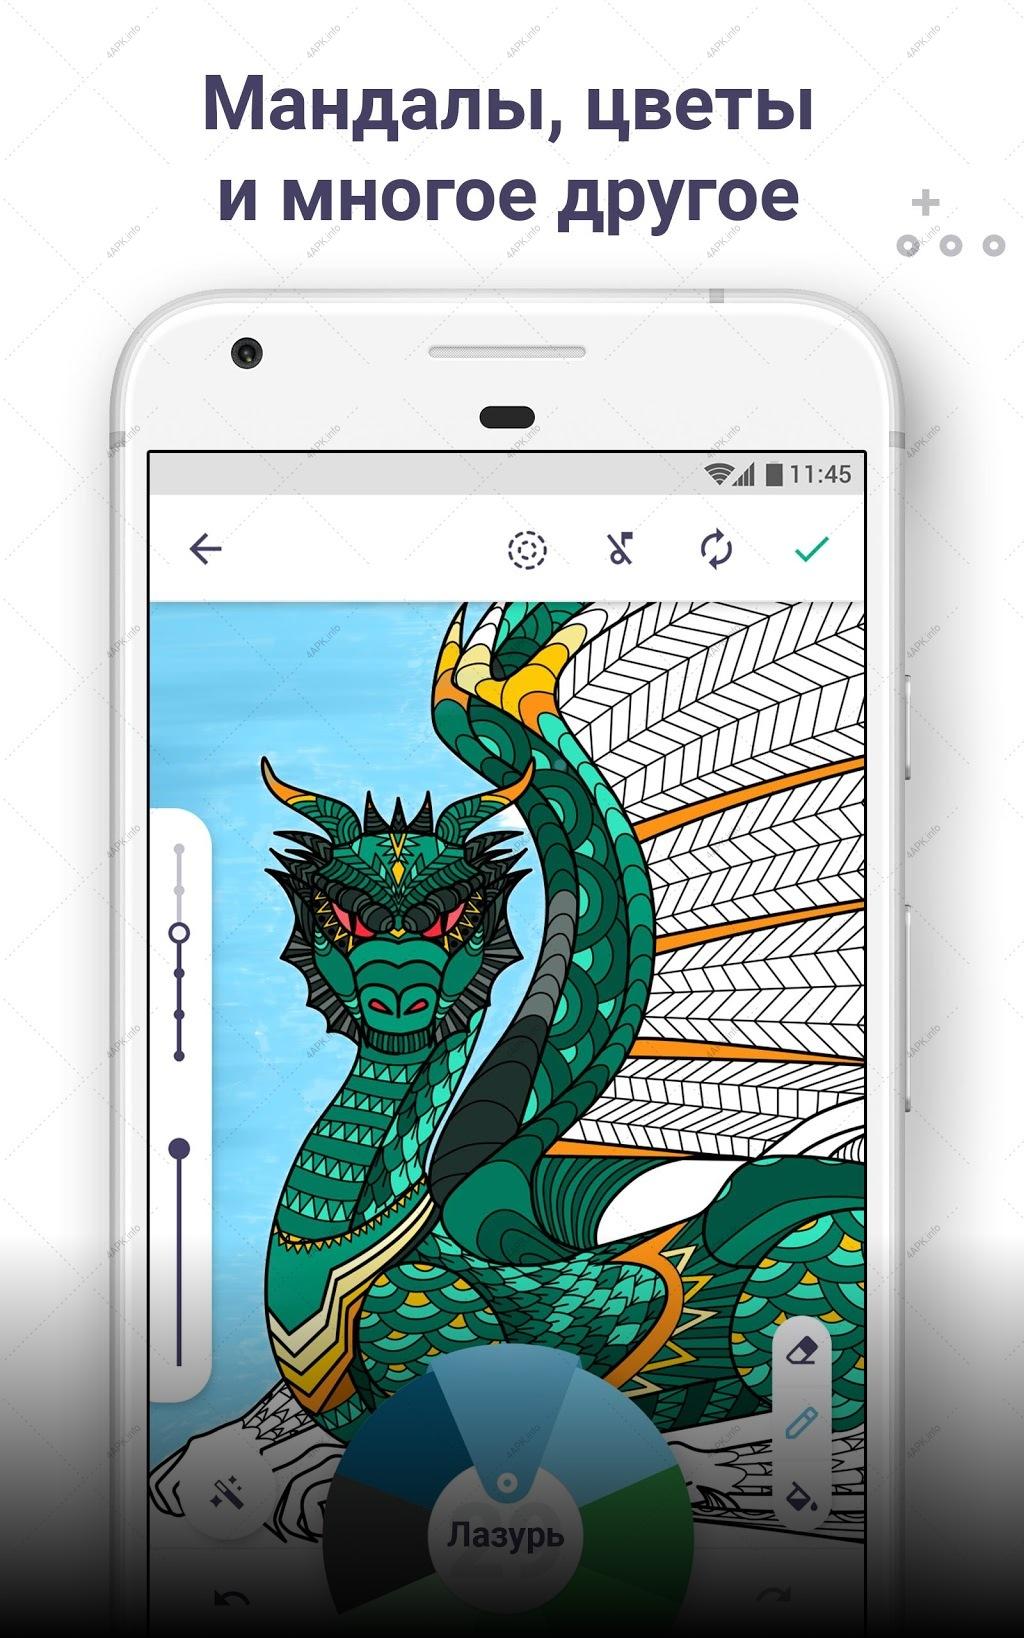 Раскраска для меня игра v.4.24 скачать APK для Android ...